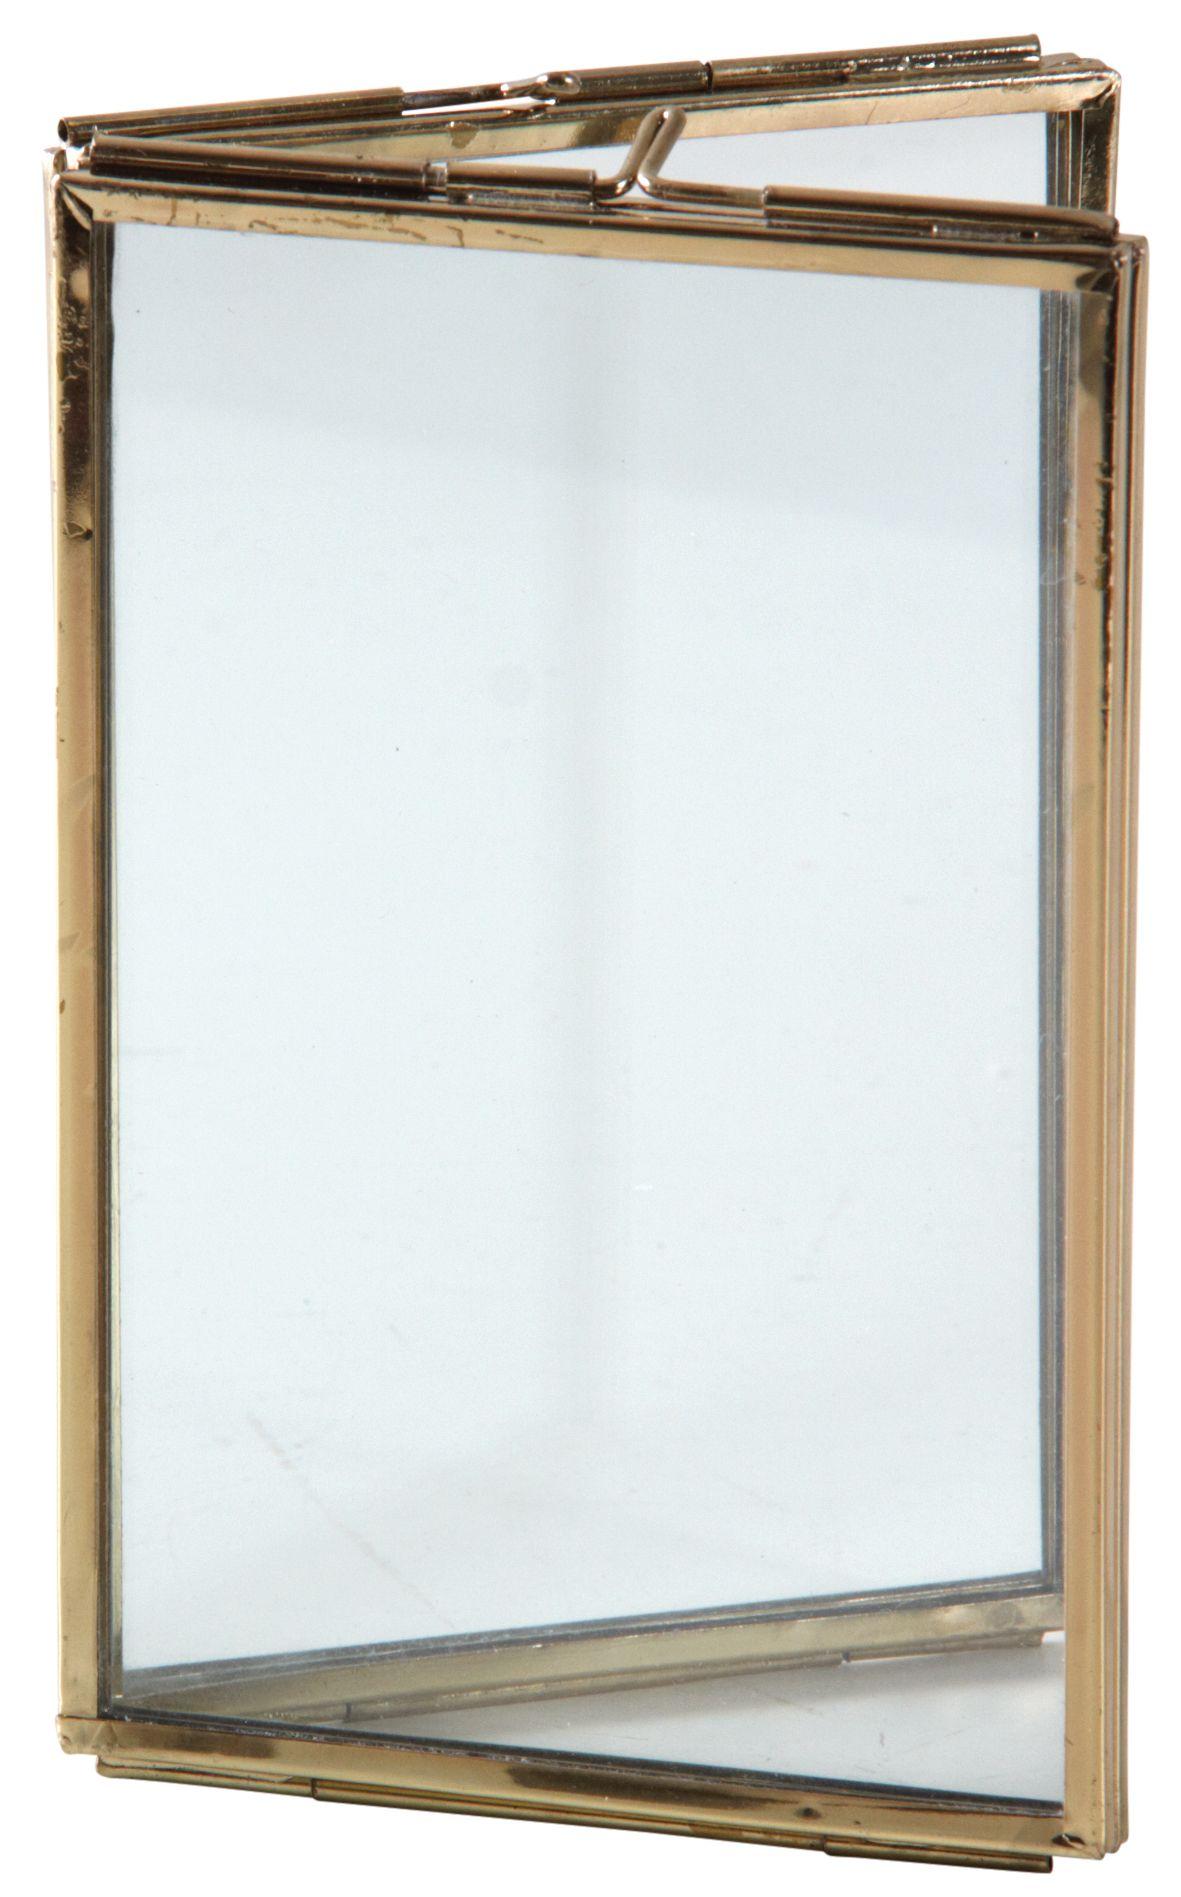 double cadre photo en laiton. Black Bedroom Furniture Sets. Home Design Ideas